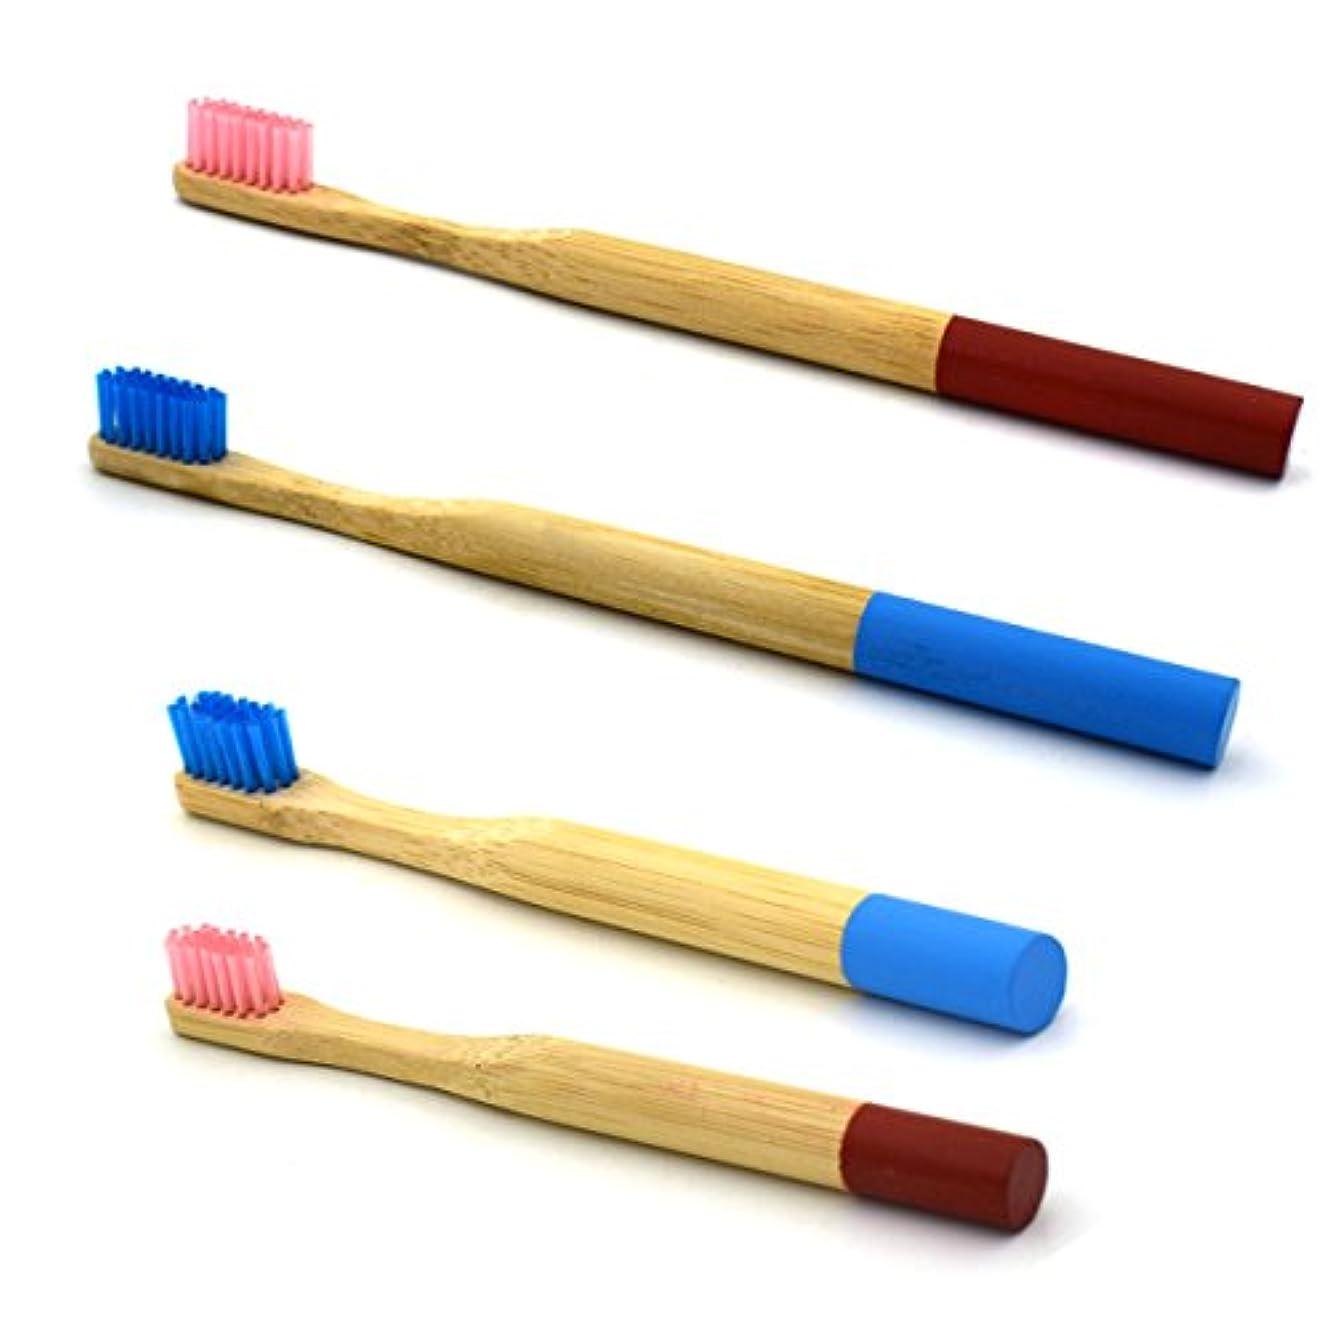 事業ポーズストライドROSENICE 2組 竹の歯ブラシ 自然な竹エコフレンドリーな柔らかい毛の旅行の歯ブラシ(青+ピンク)